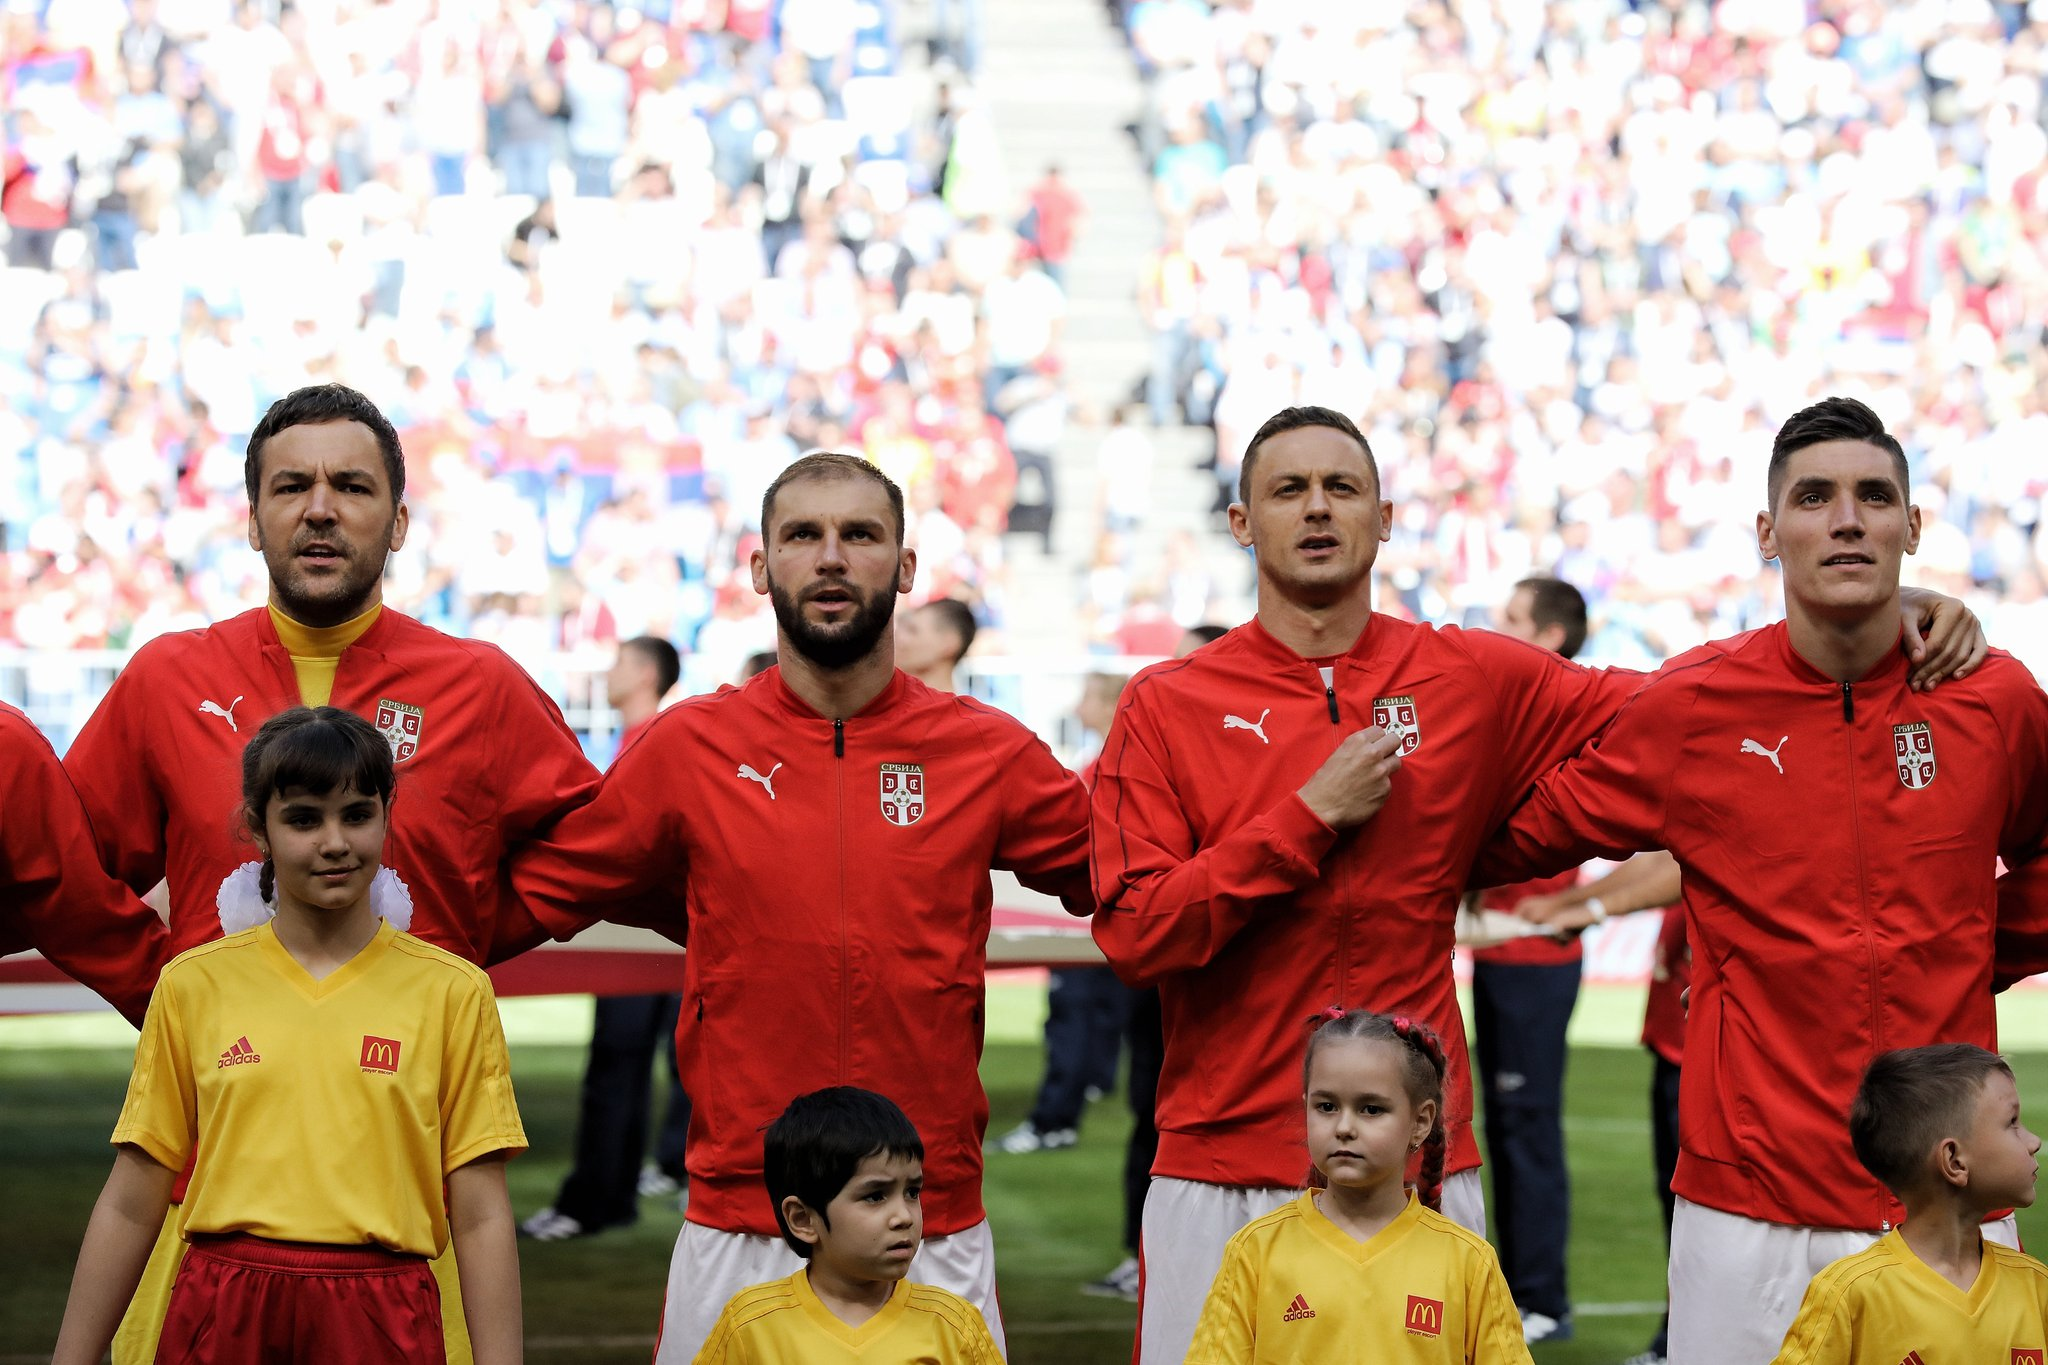 Srbija meč polufinala baraža za EP protiv Norveške igra 8. oktobra u Oslu